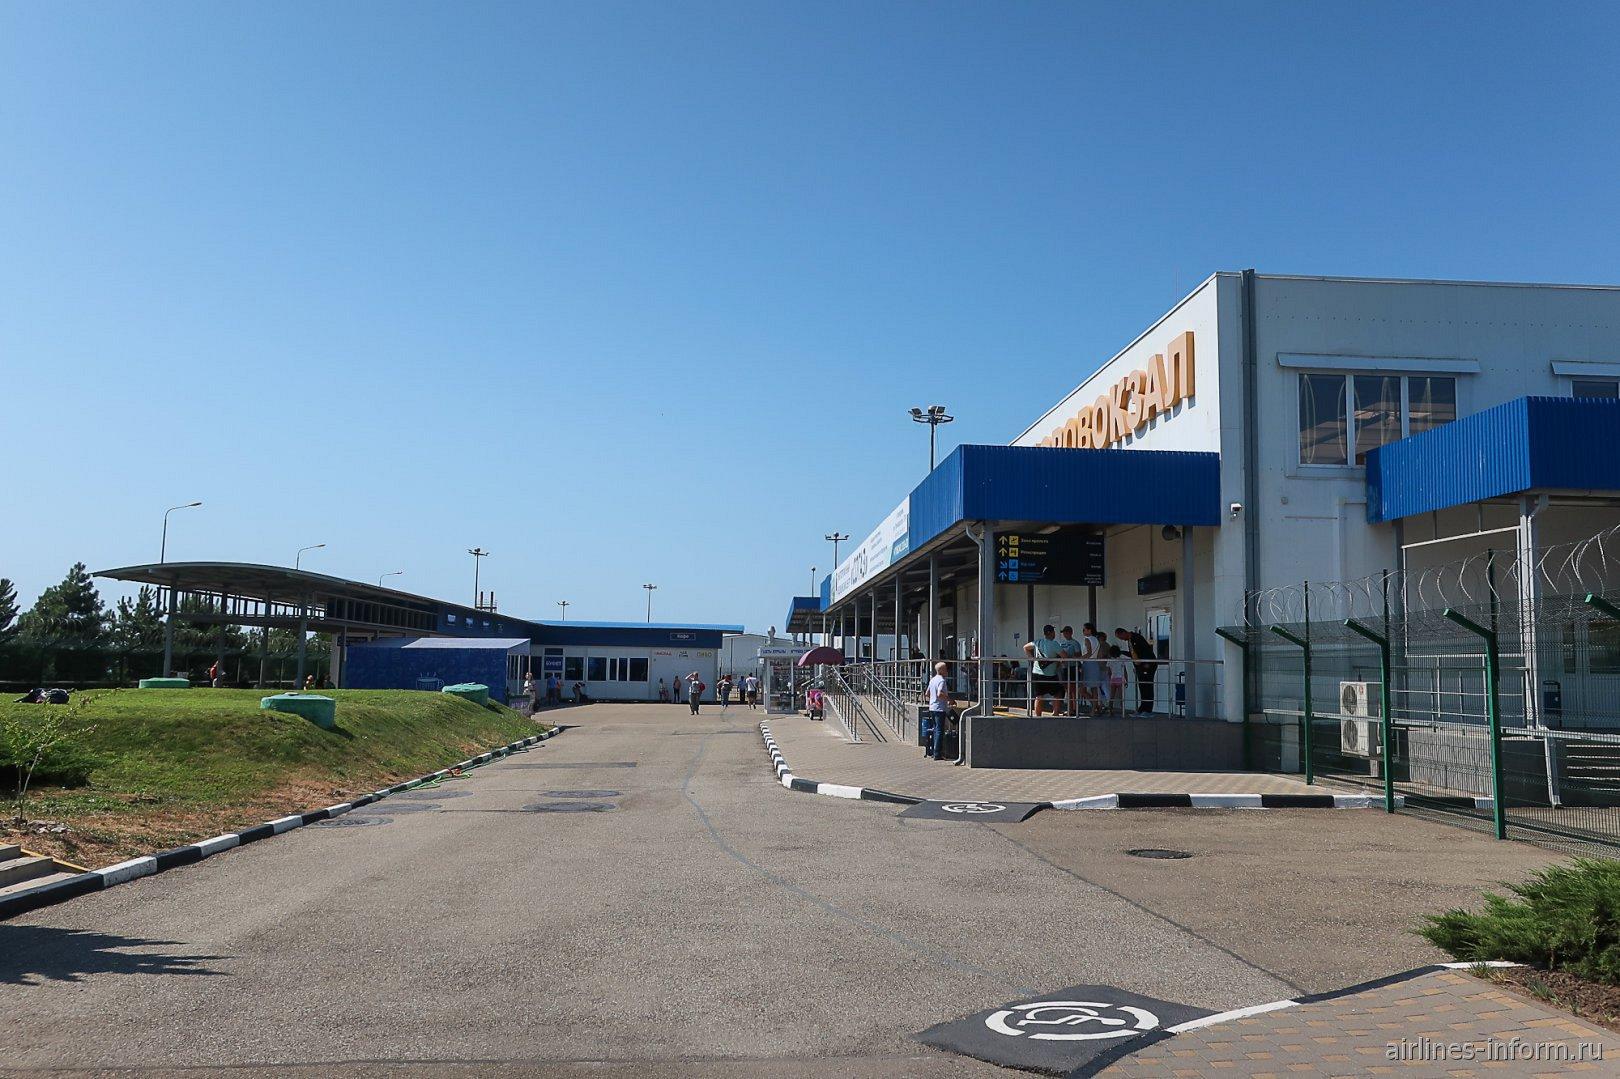 Открытая площадка у пассажирского терминала аэропорта Геленджик